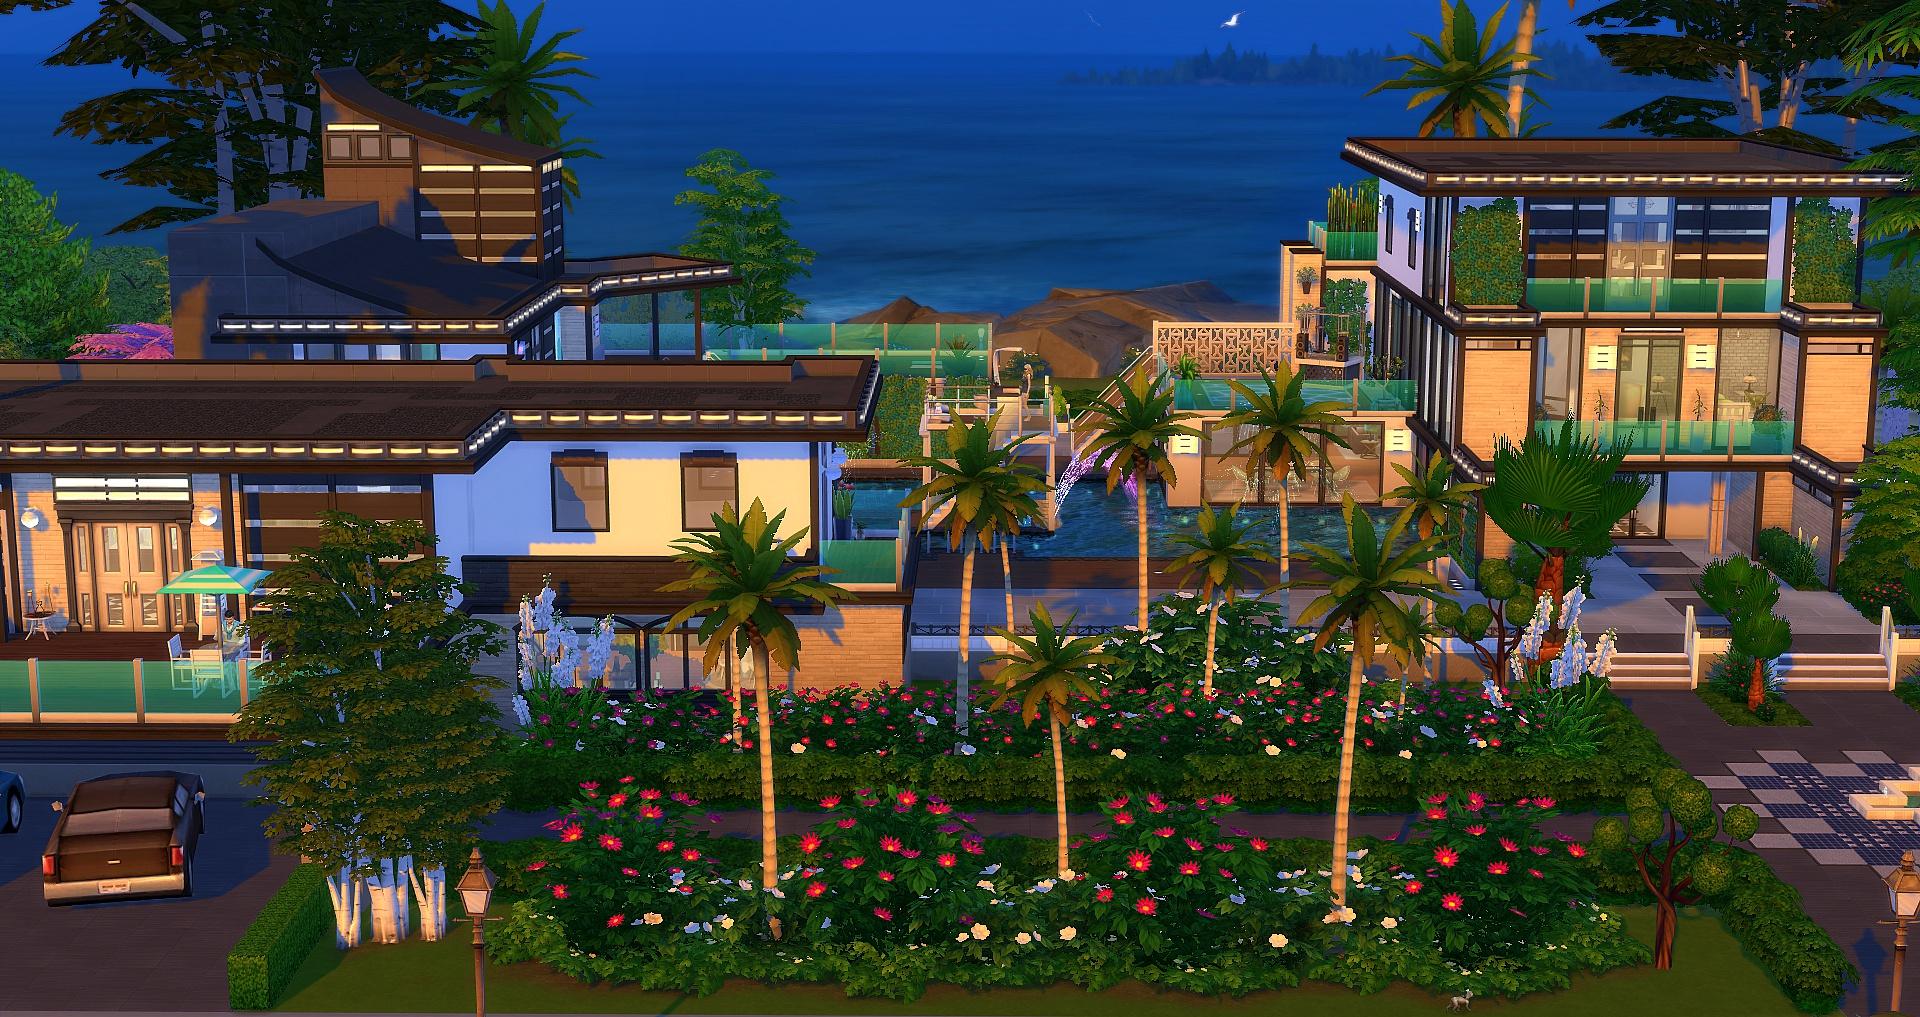 maison de reves sims 4 ventana blog. Black Bedroom Furniture Sets. Home Design Ideas